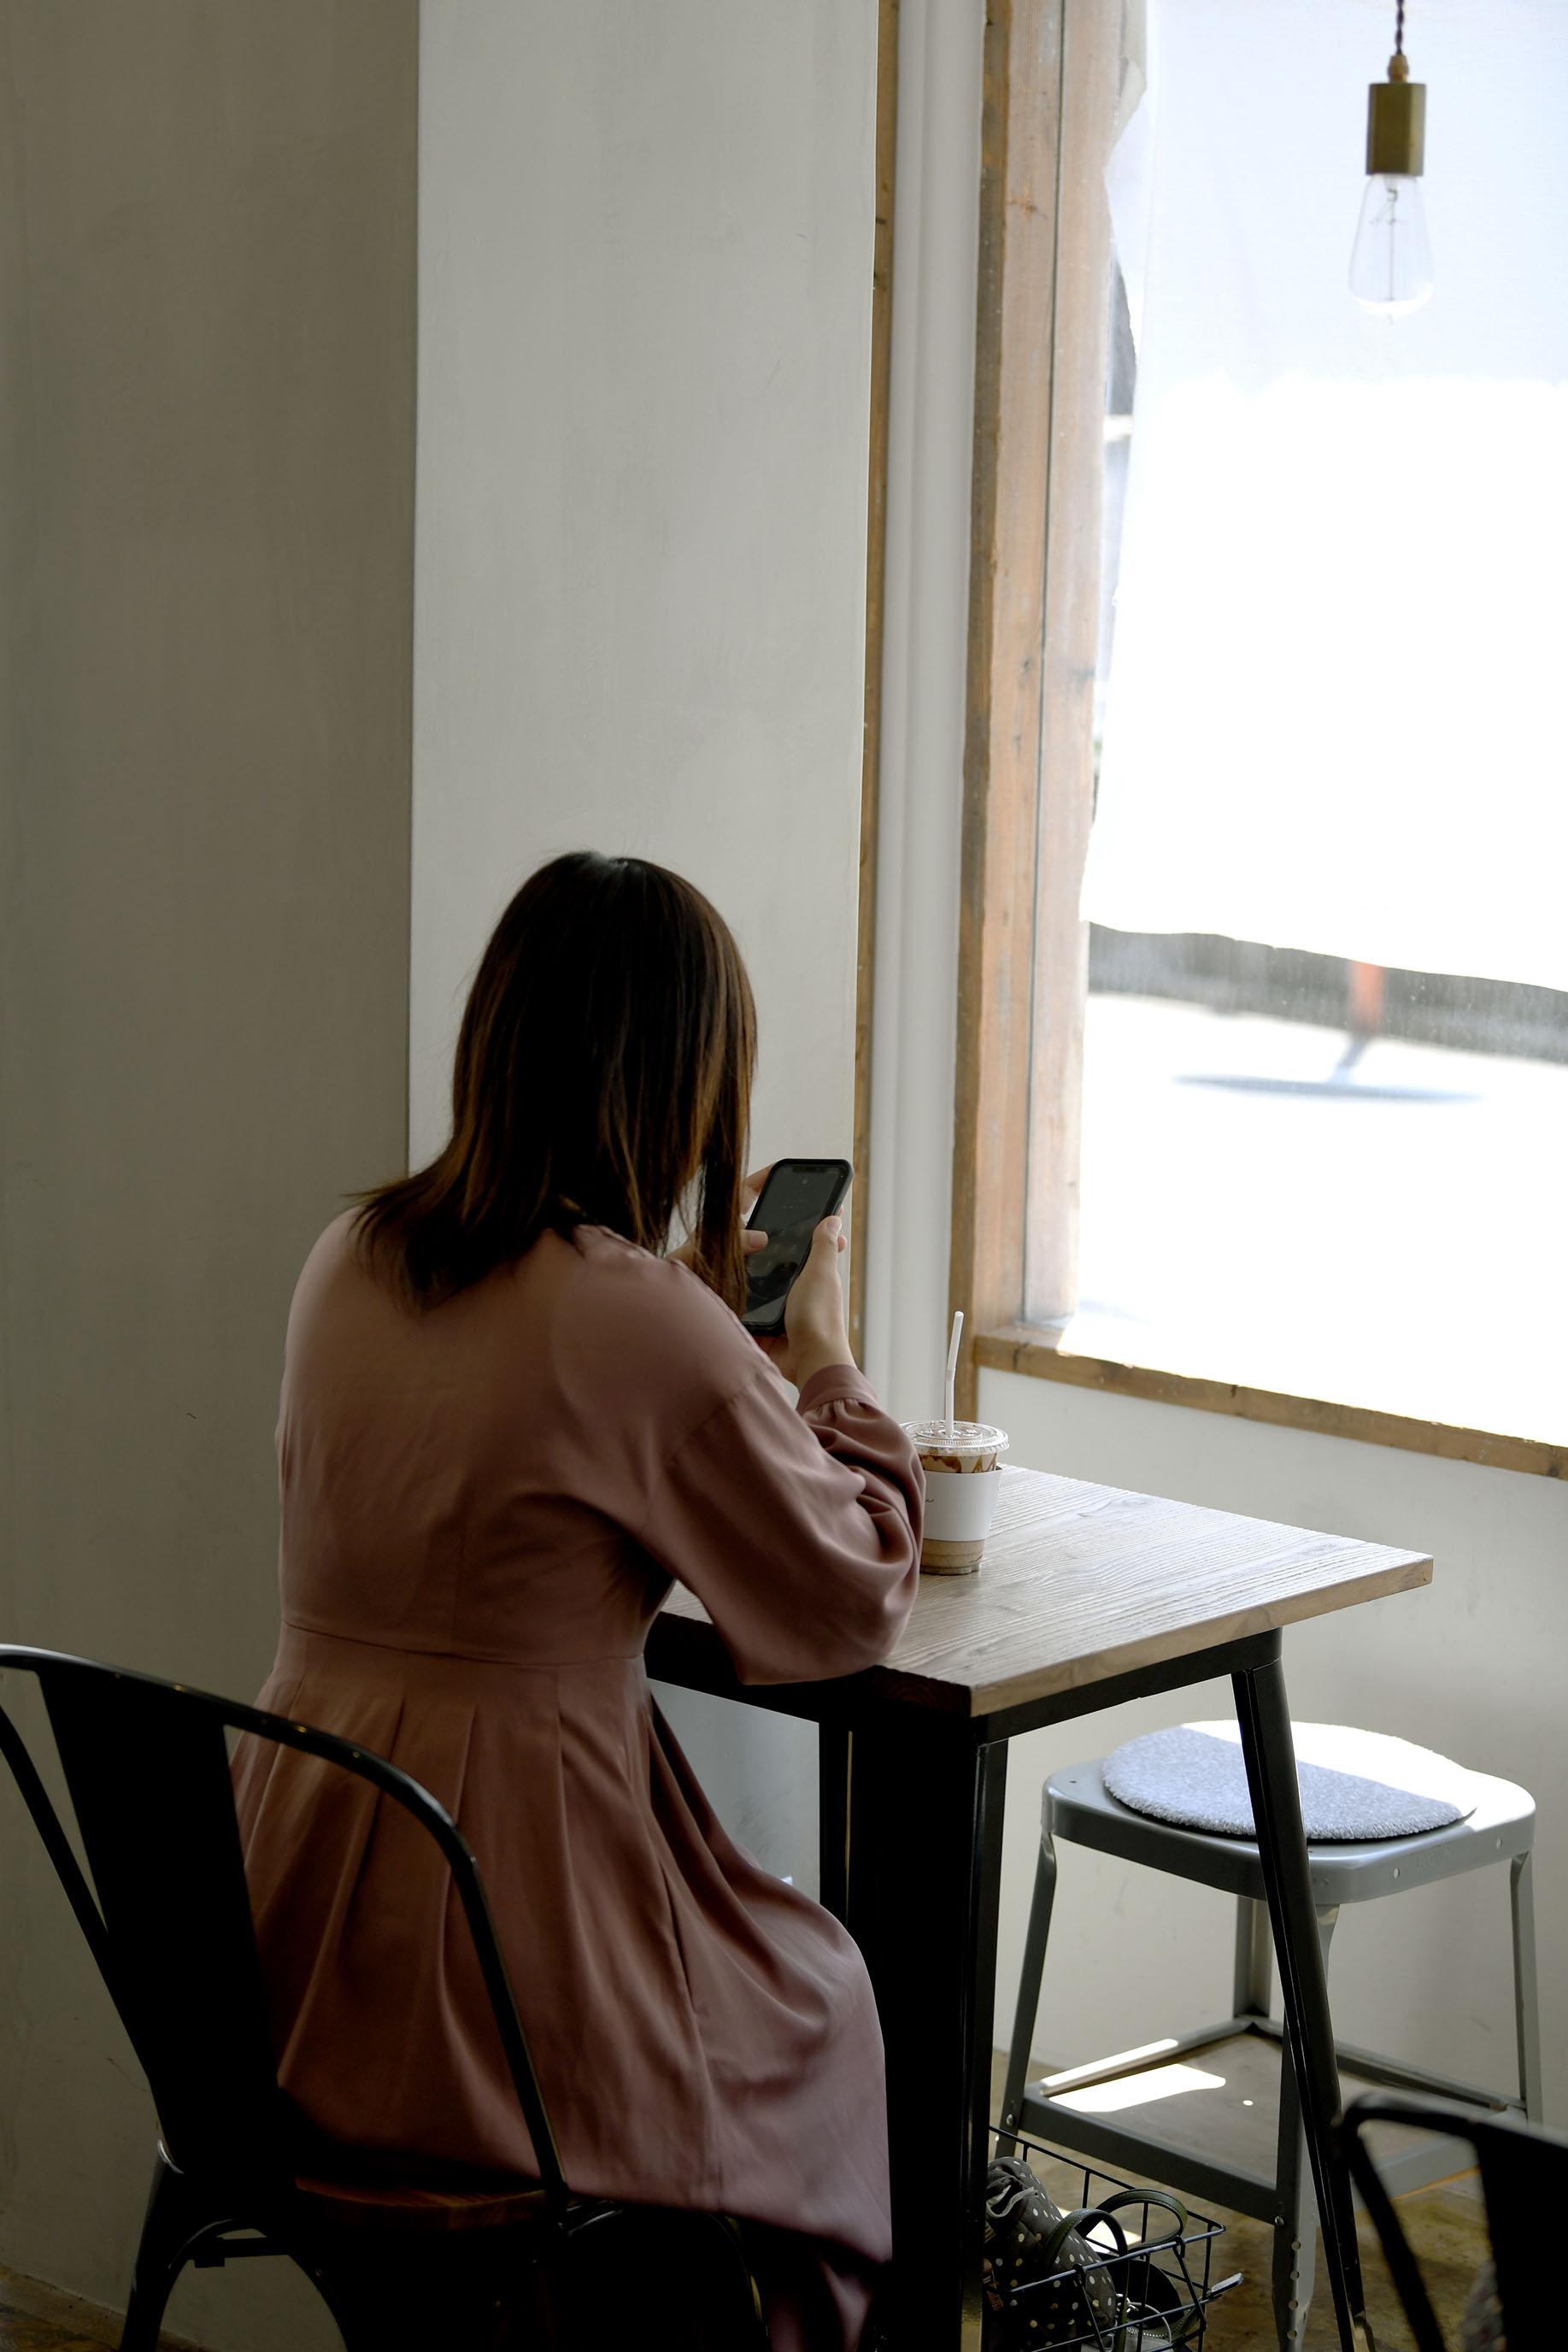 像是一座小東京,我們一起慢慢走回旅行的家|日本福岡